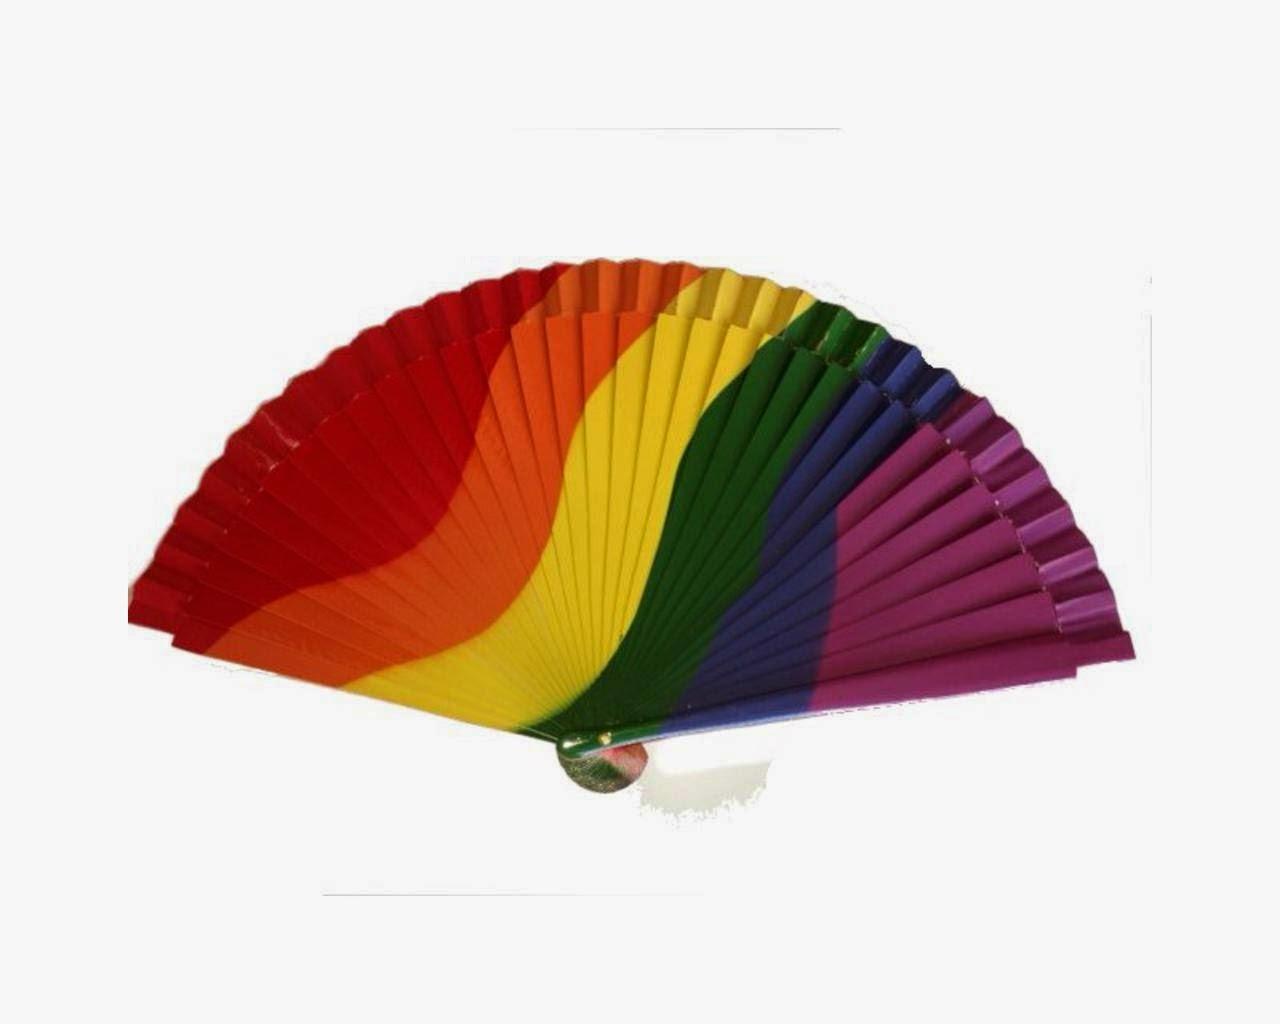 Fiesta de sabores que la vida sea un hermoso for Abanico de colores